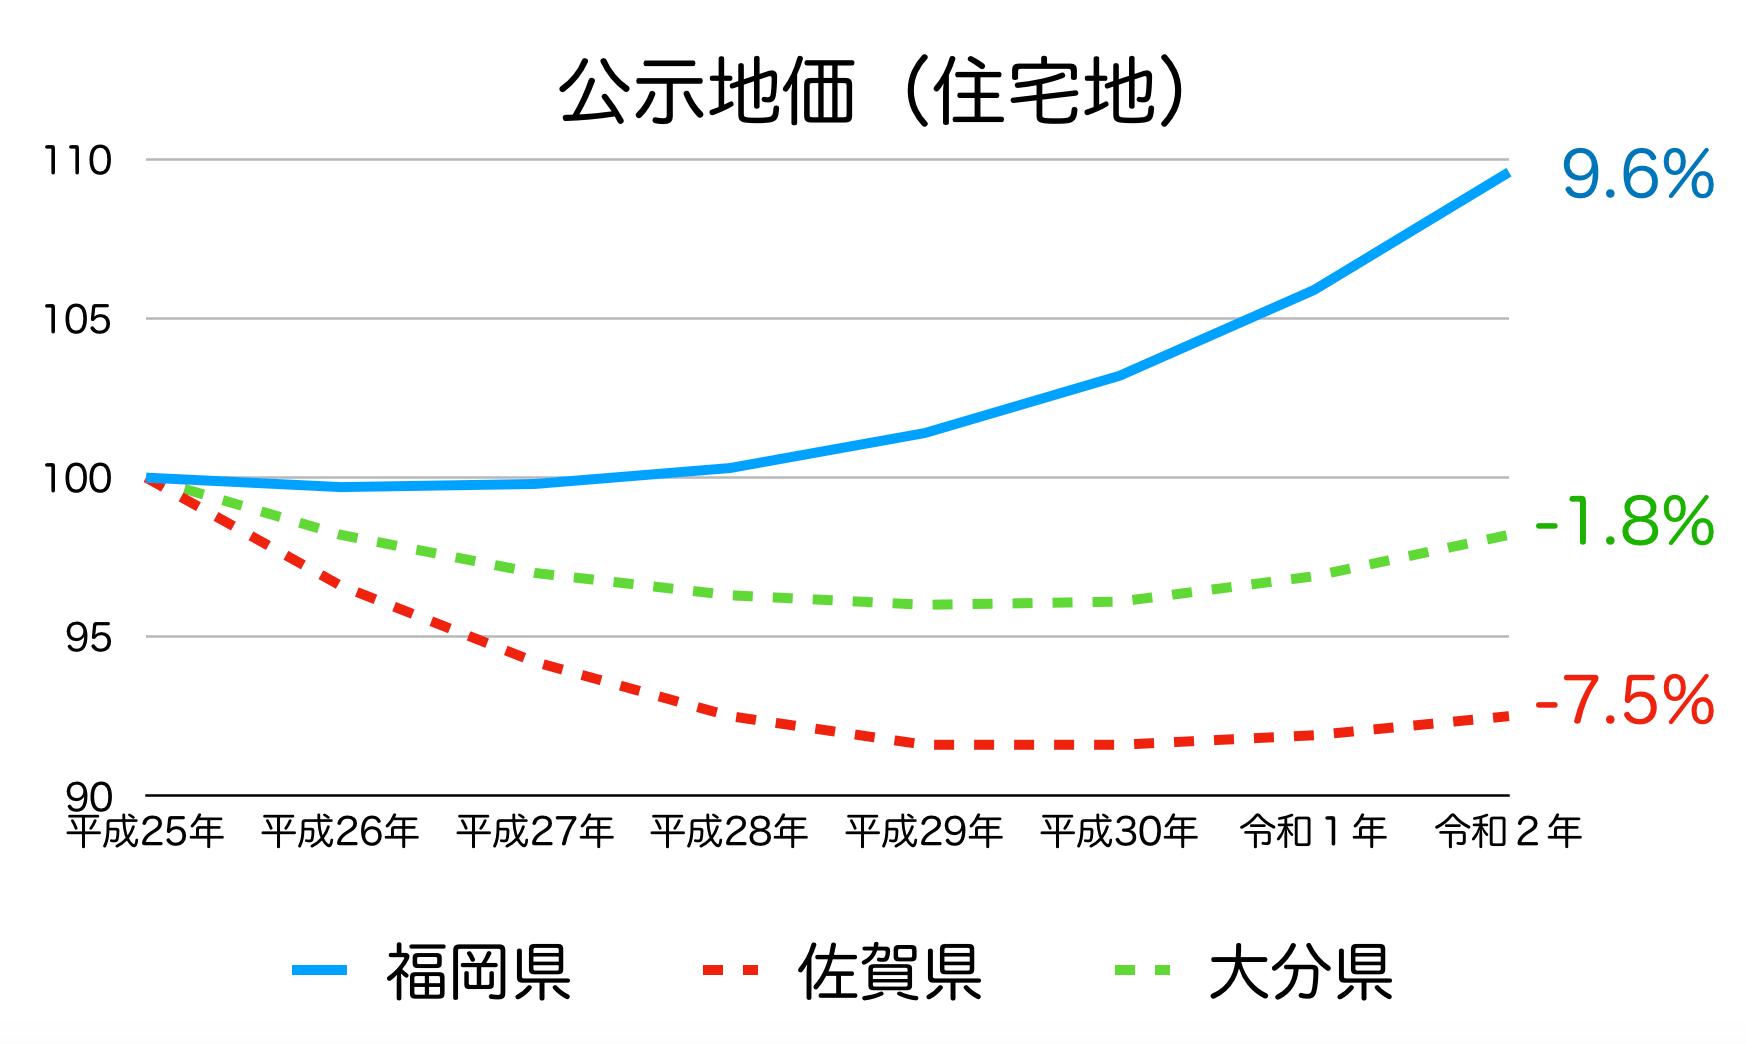 福岡県の公示地価の推移